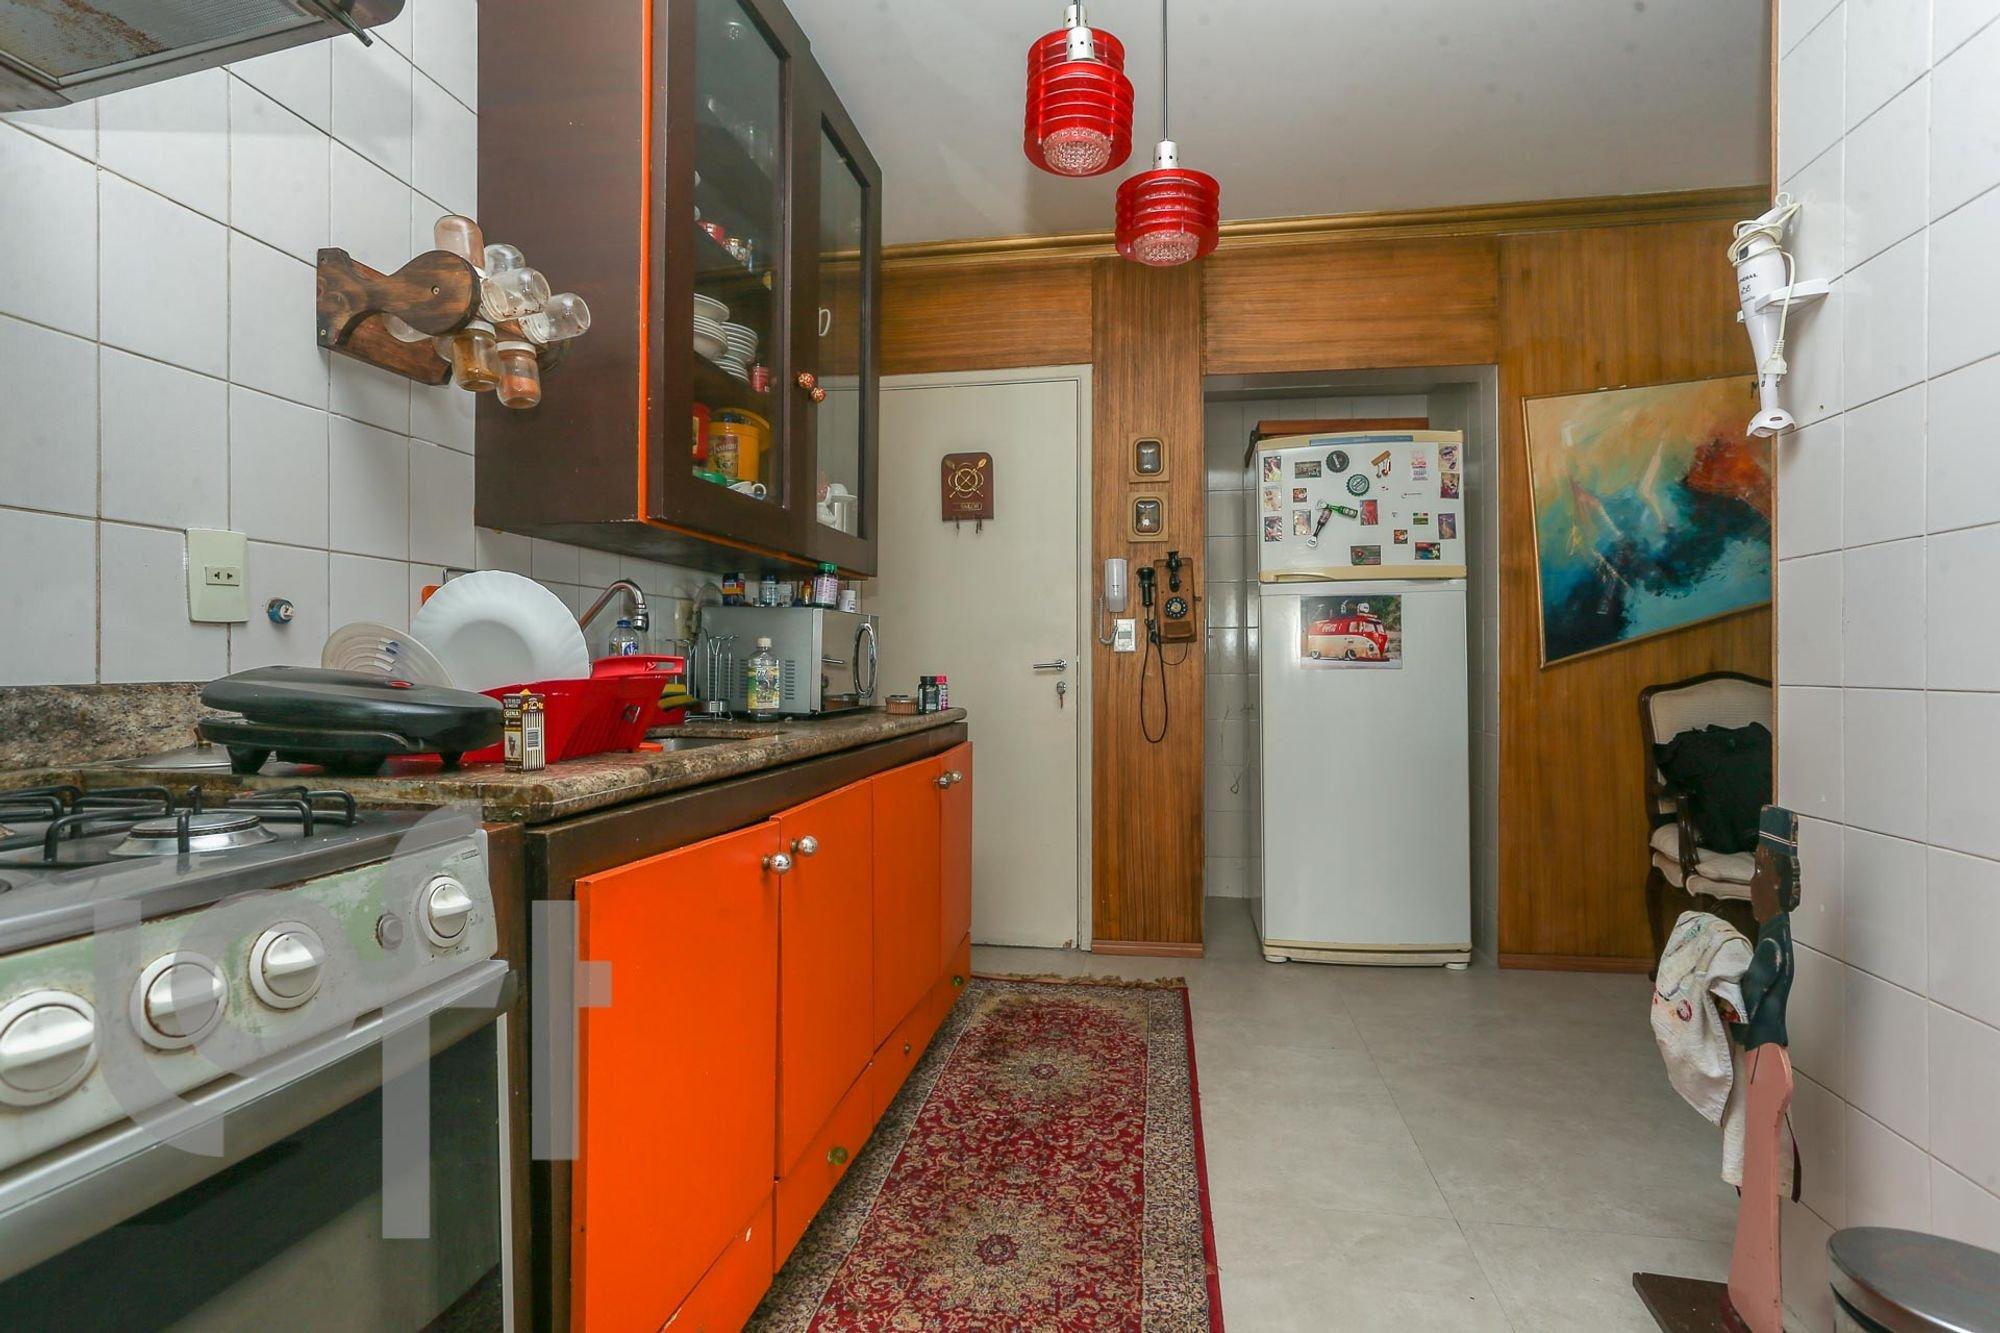 Foto de Cozinha com garrafa, forno, geladeira, xícara